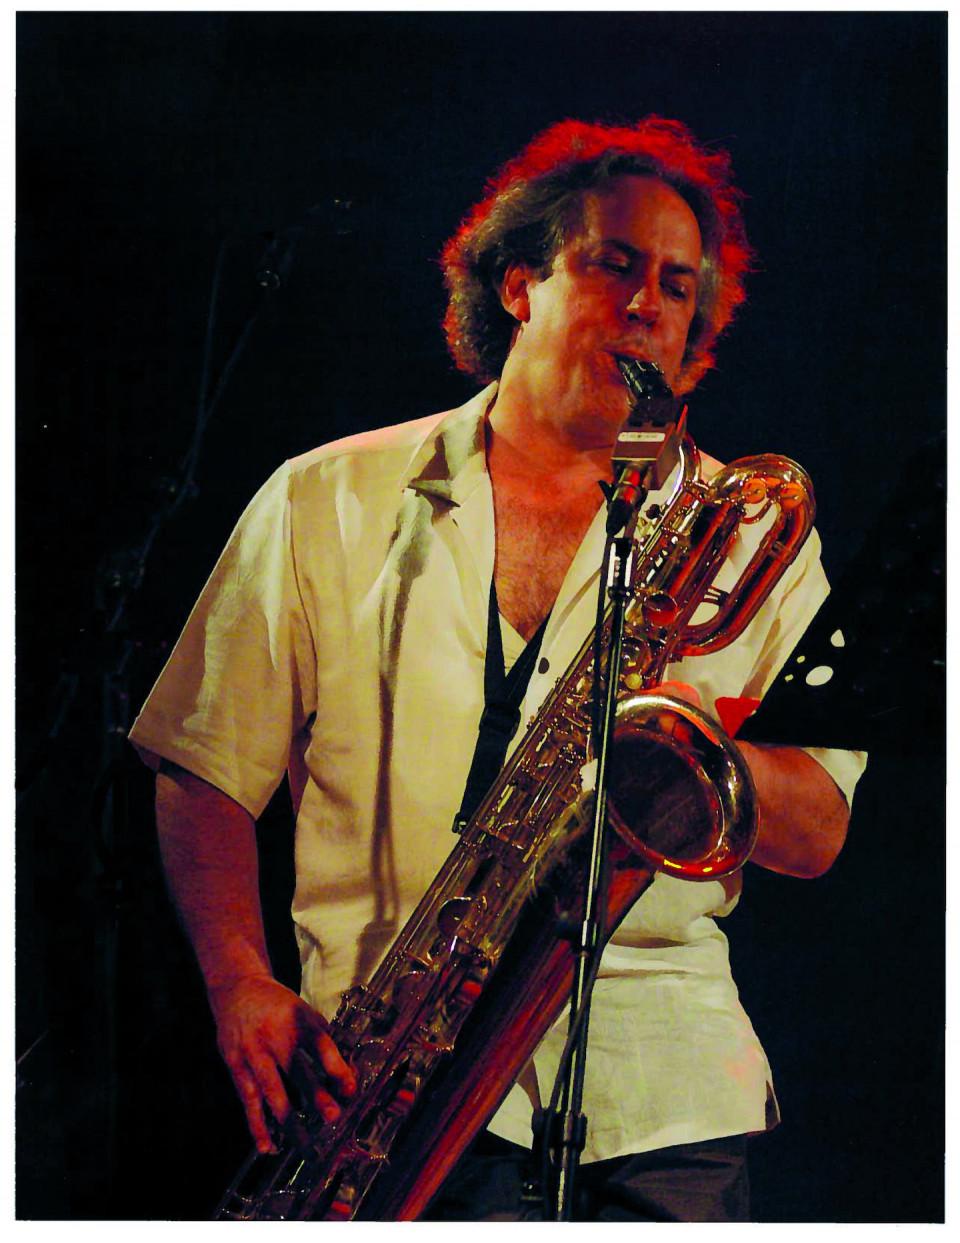 Jean Derome in concert [Photograph: Marcel Dubois, Montréal (Québec), 2010]